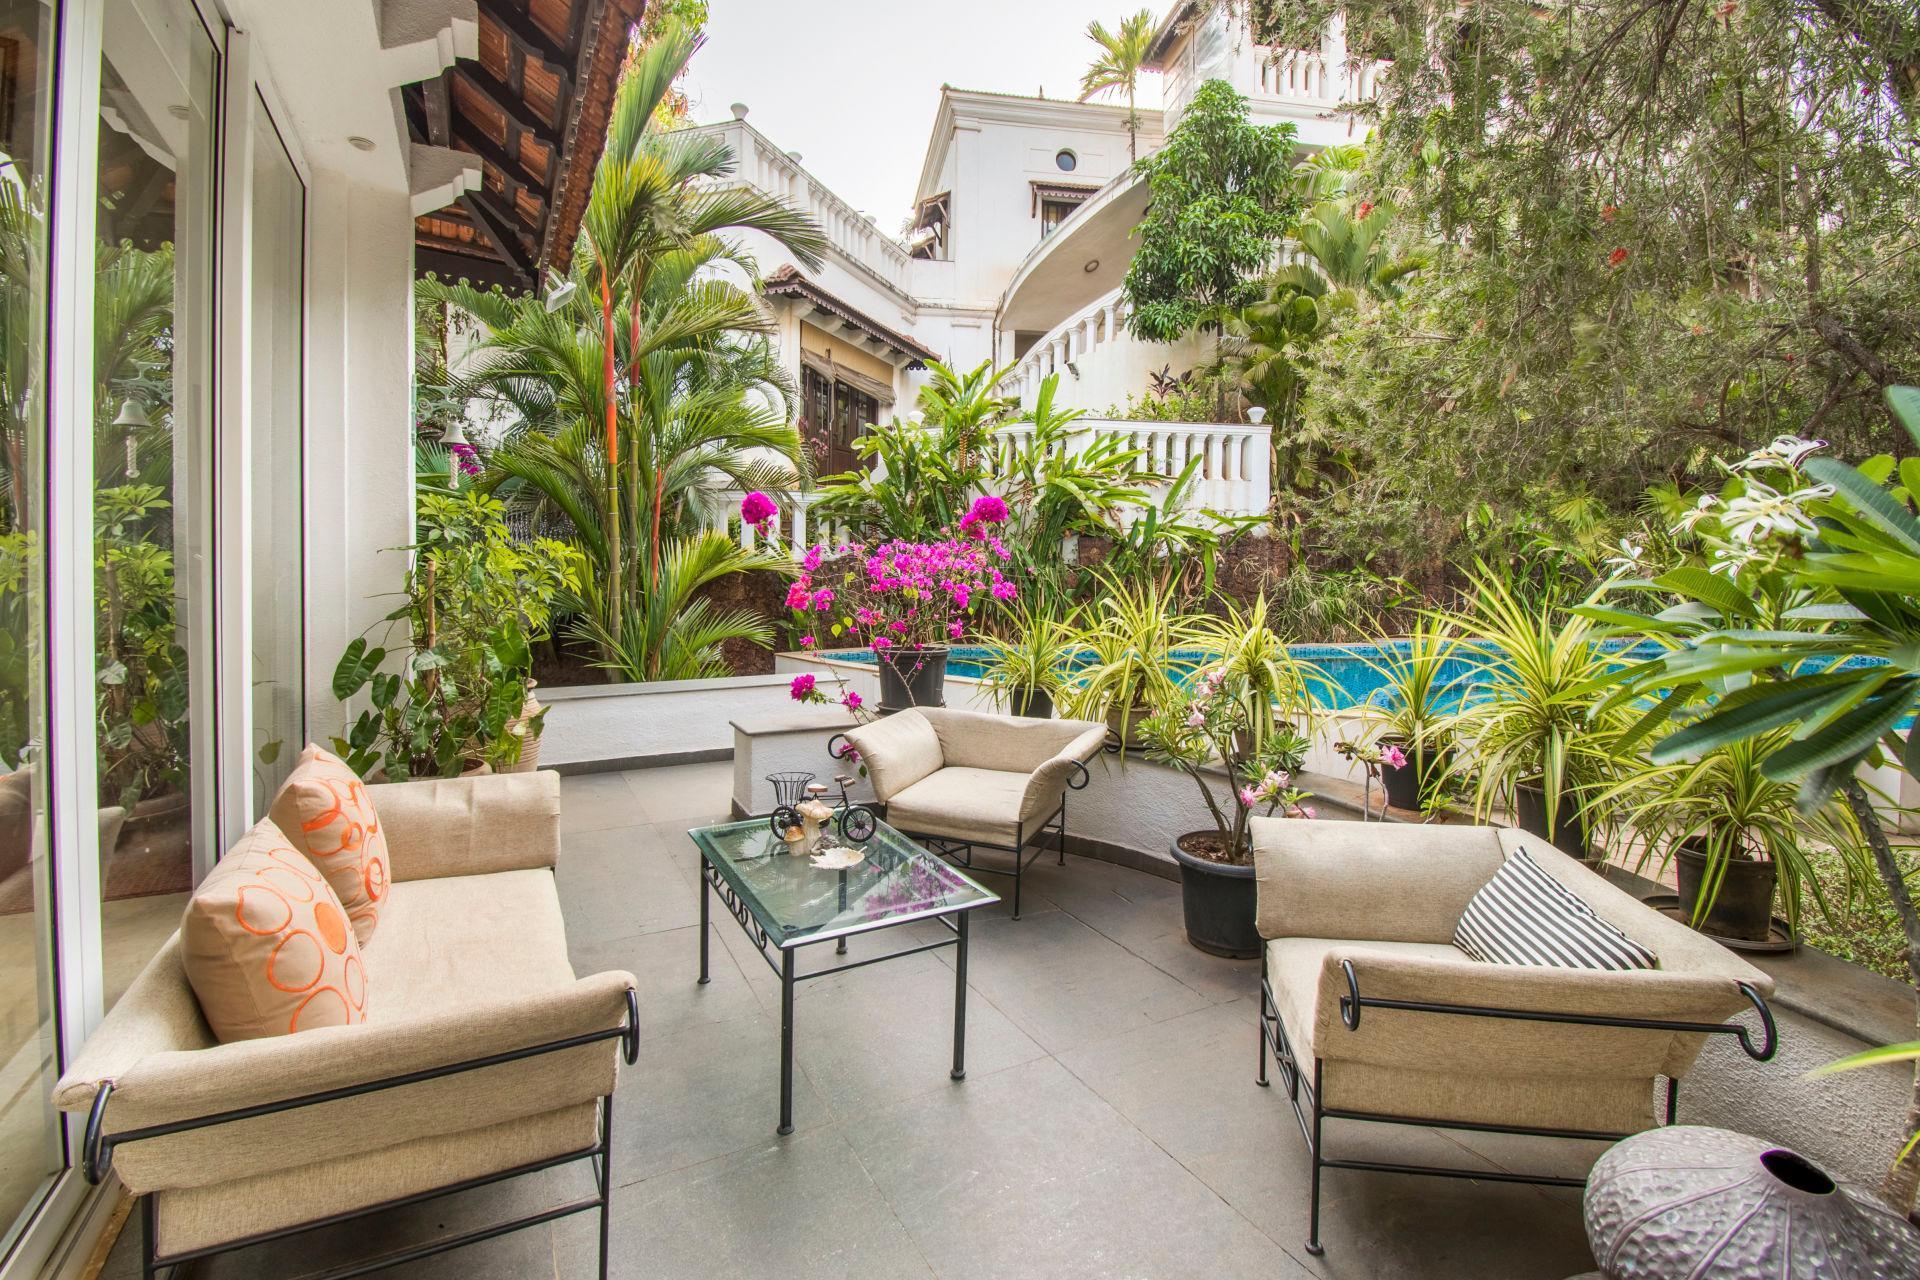 Opulent 4 Bedroom Villa With A Pool 73800